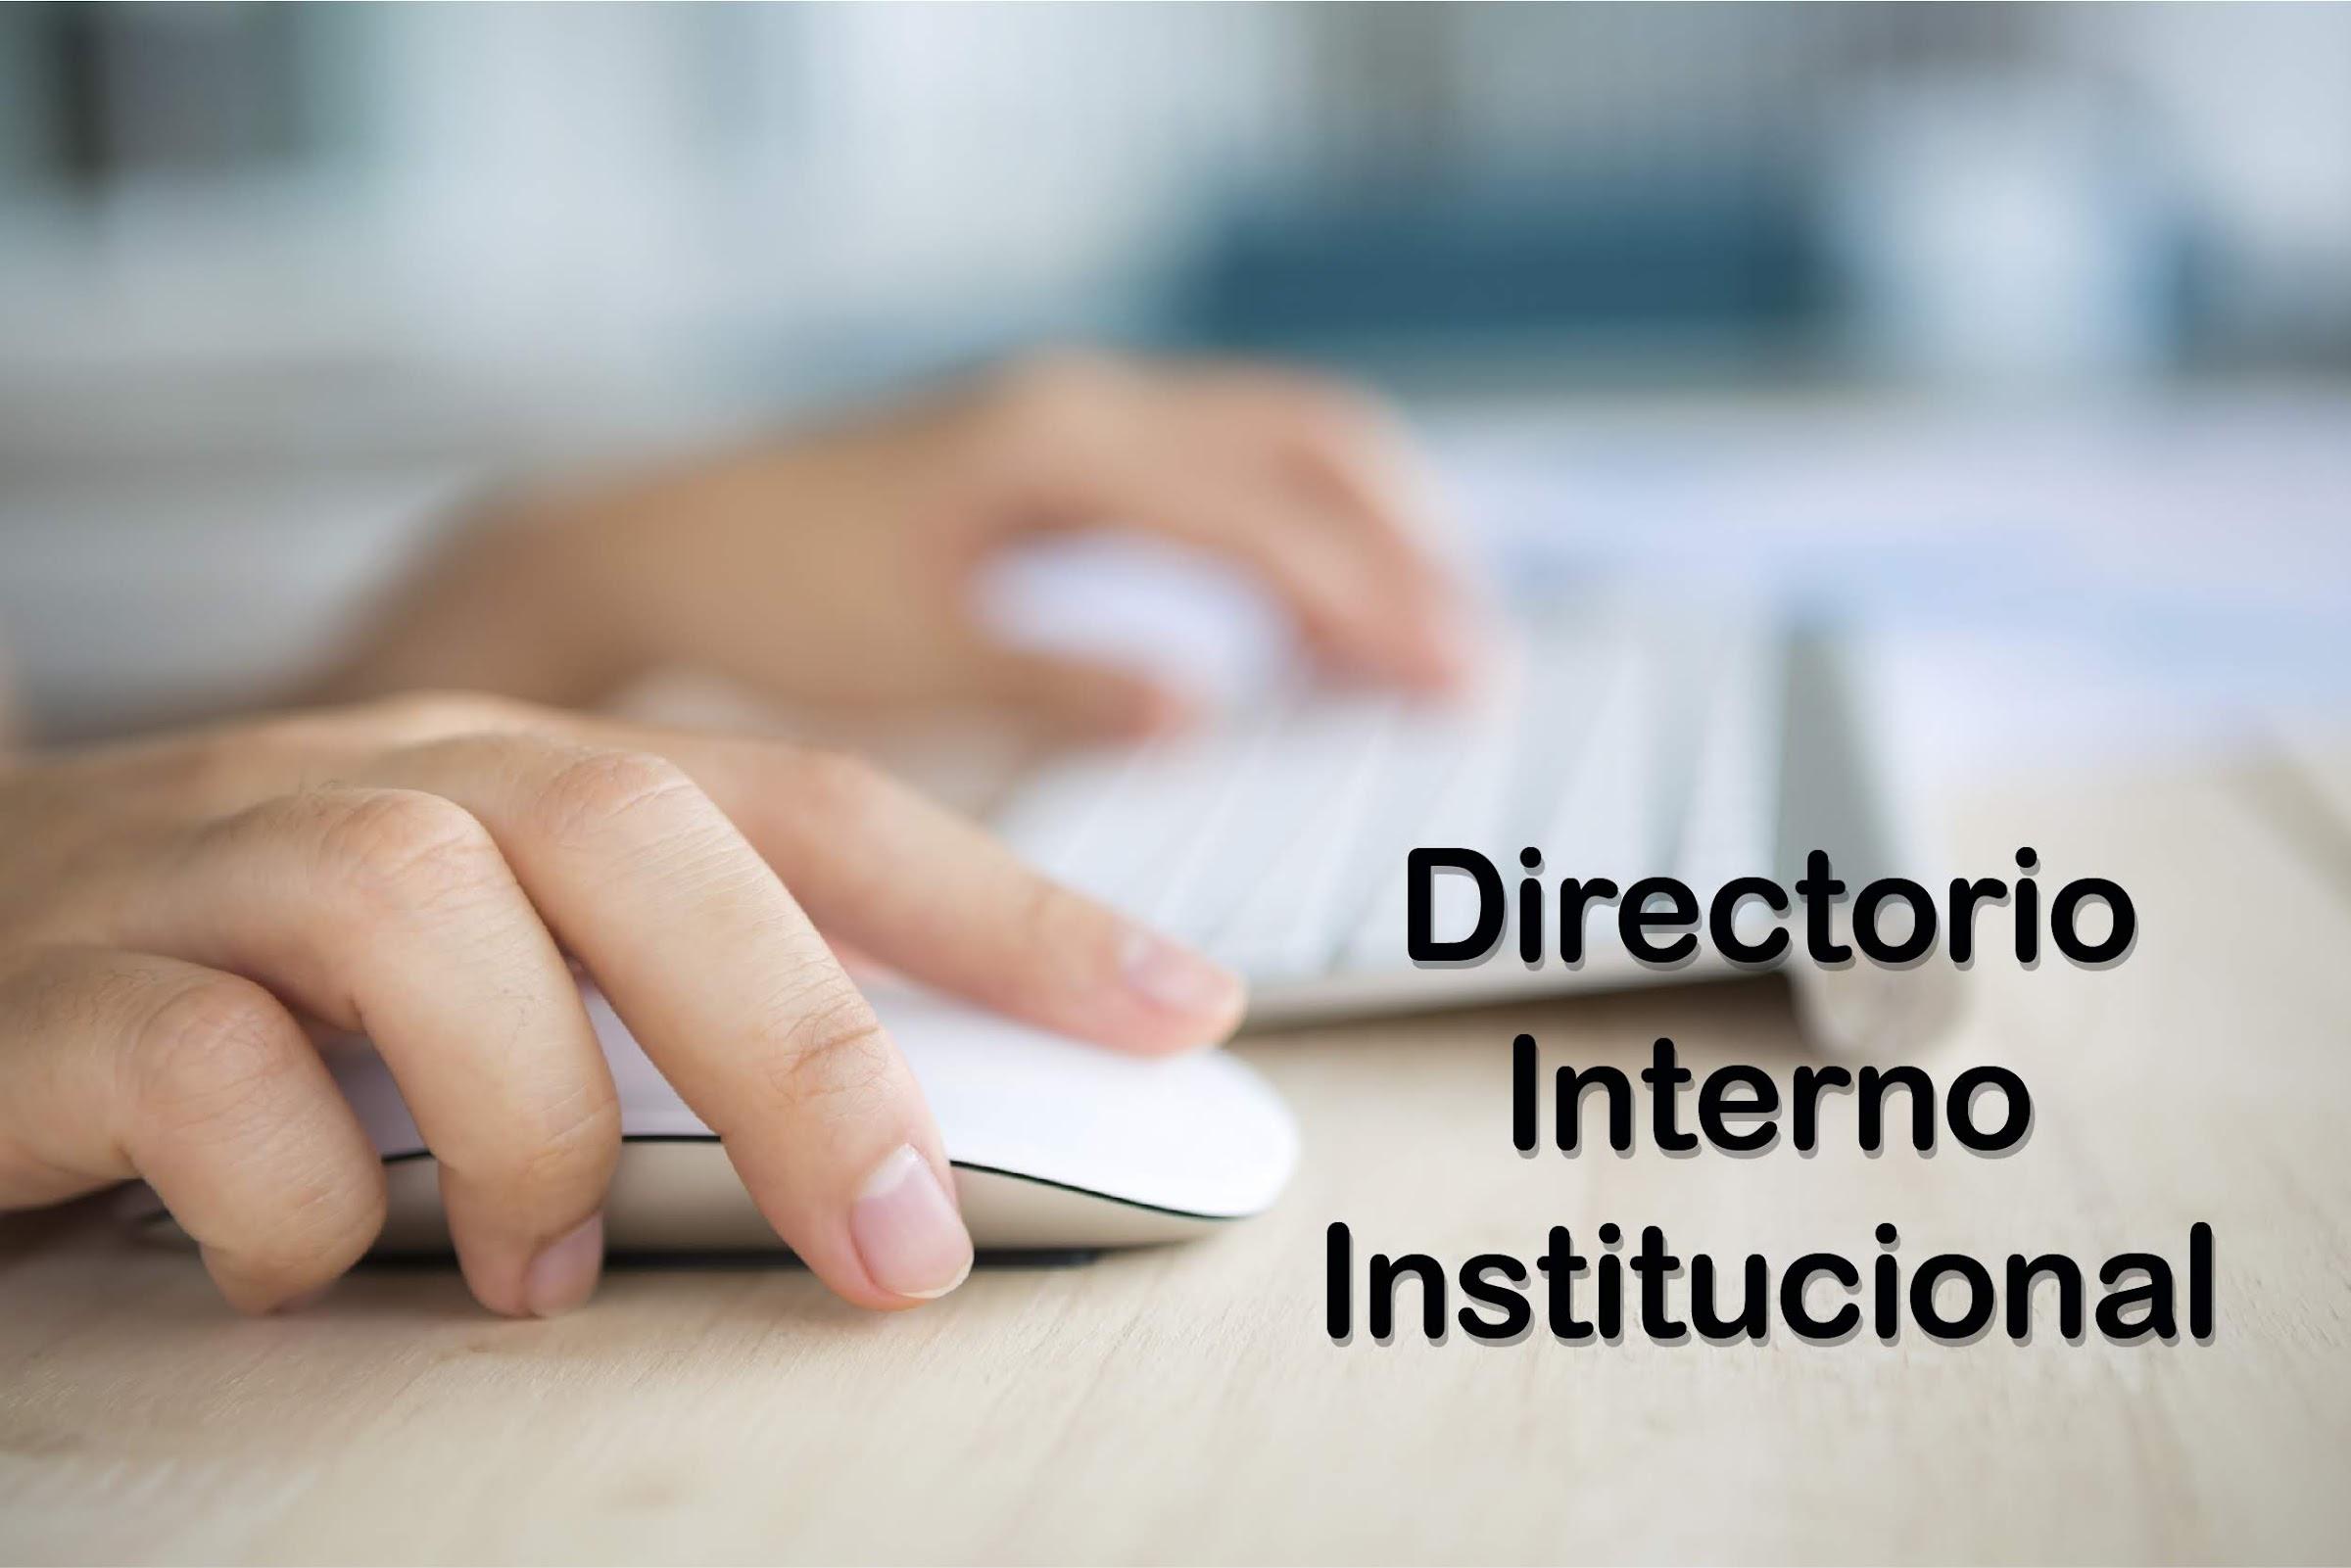 Directorio Institucional